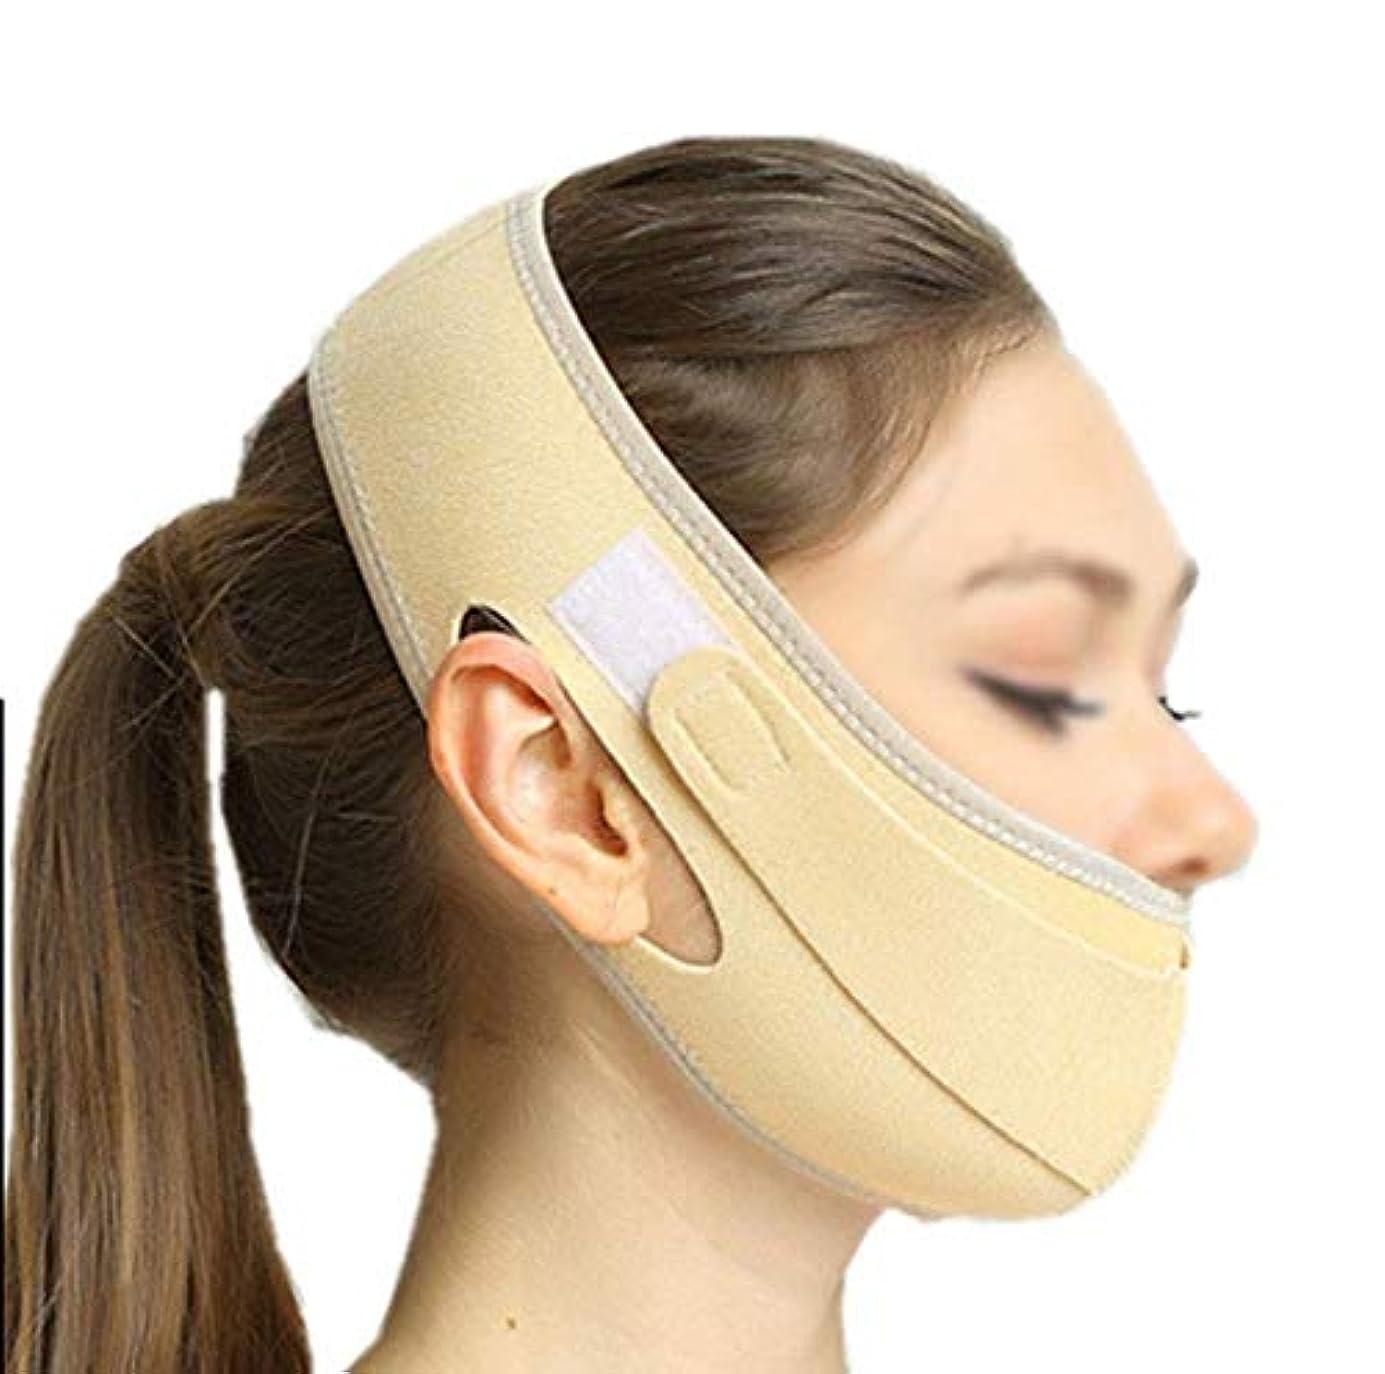 内訳本能保育園美容マスク、線の彫刻の後、二重あごのマスターを復元、法律、薄いフェイスマスク、小さなVフェイス包帯